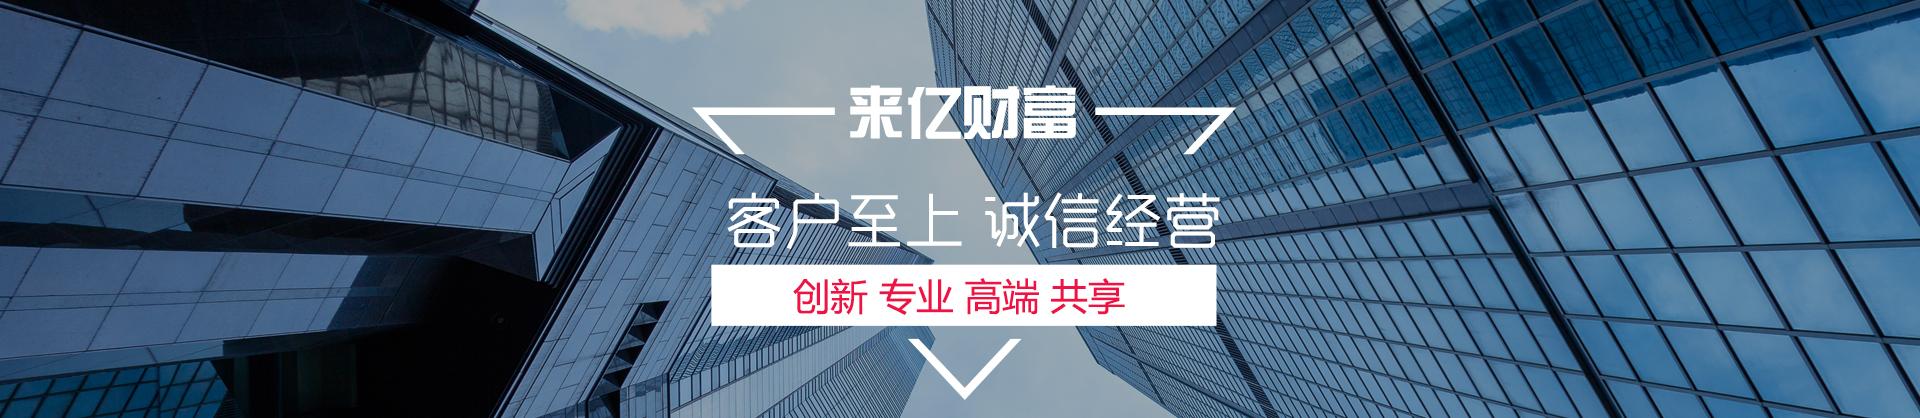 上海来亿财富投资管理有限公司